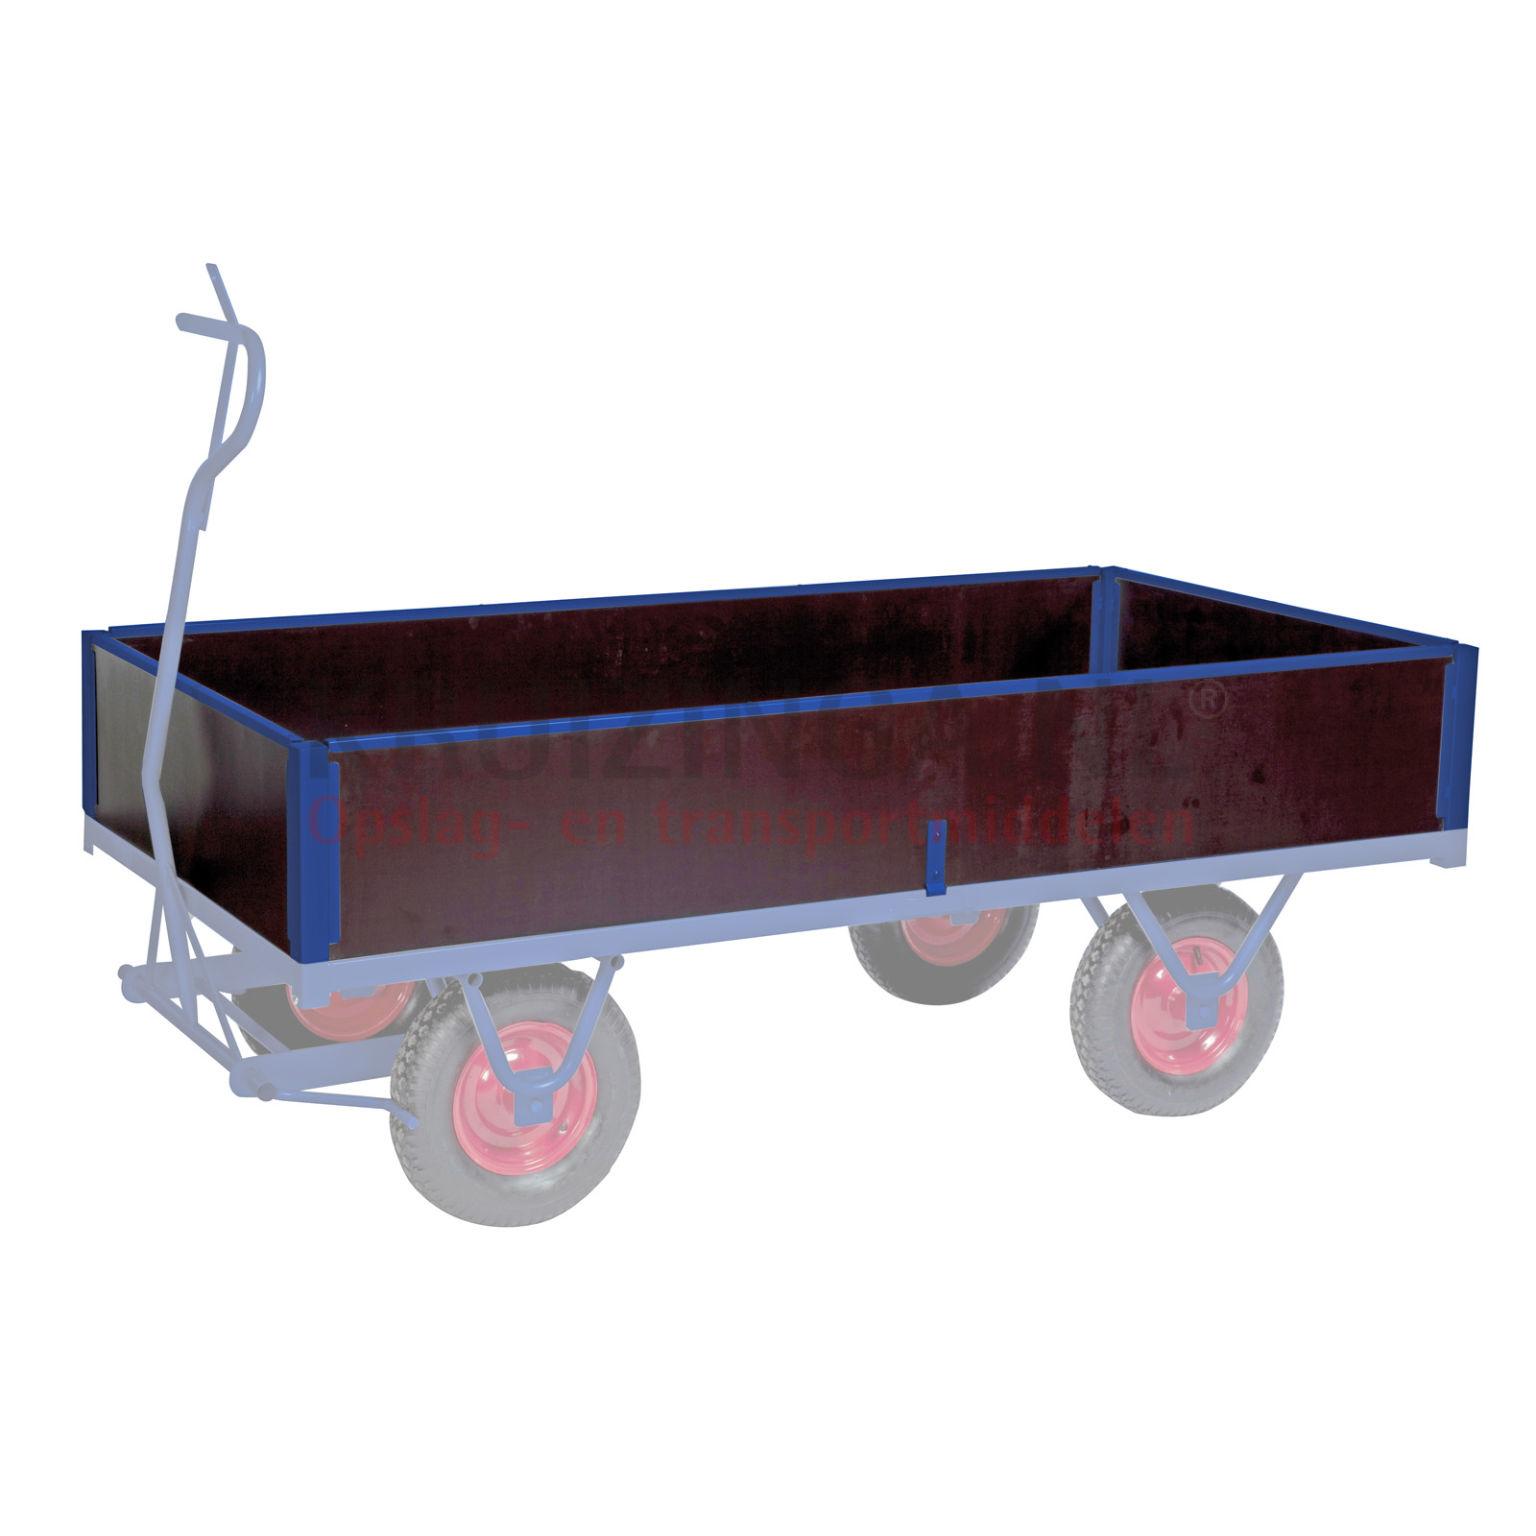 Chariot Transport Bois - Chariot Transport accessoires 4 parois en bois u20ac 254,13 Frais de livraison inclus Kruizinga fr